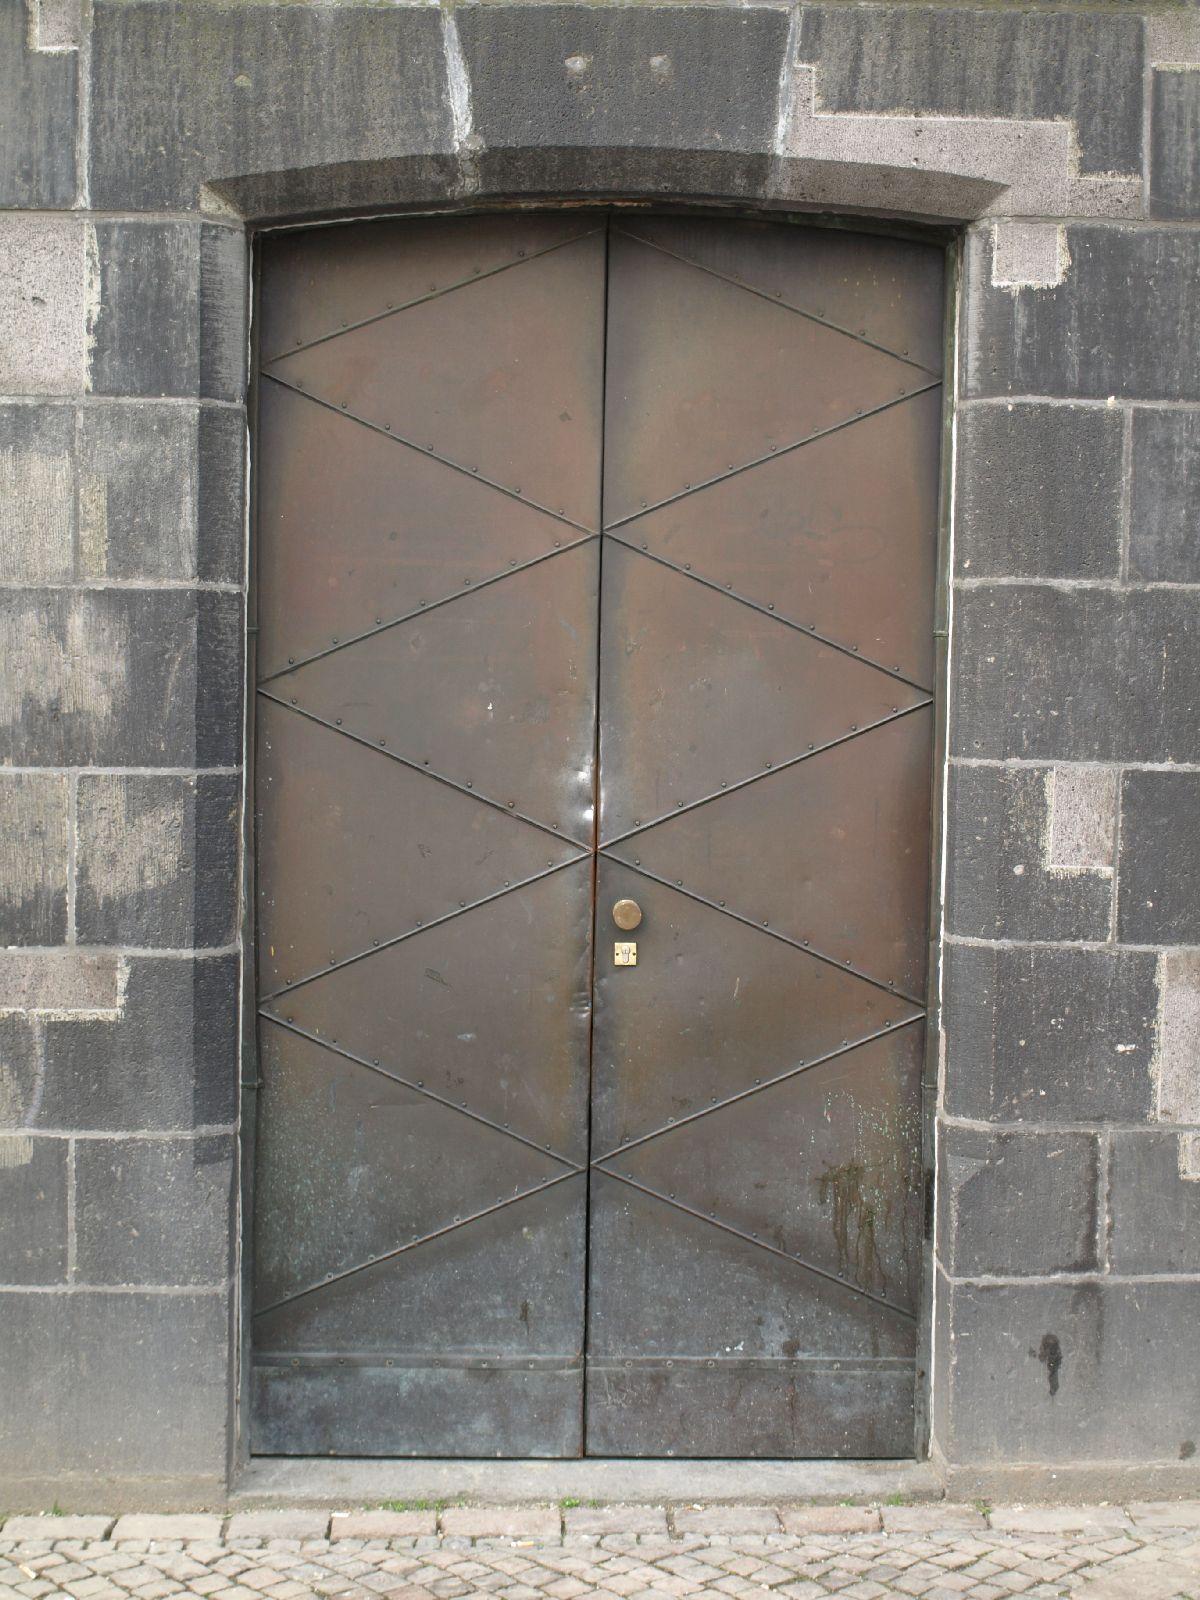 Building_Texture_A_P4110614